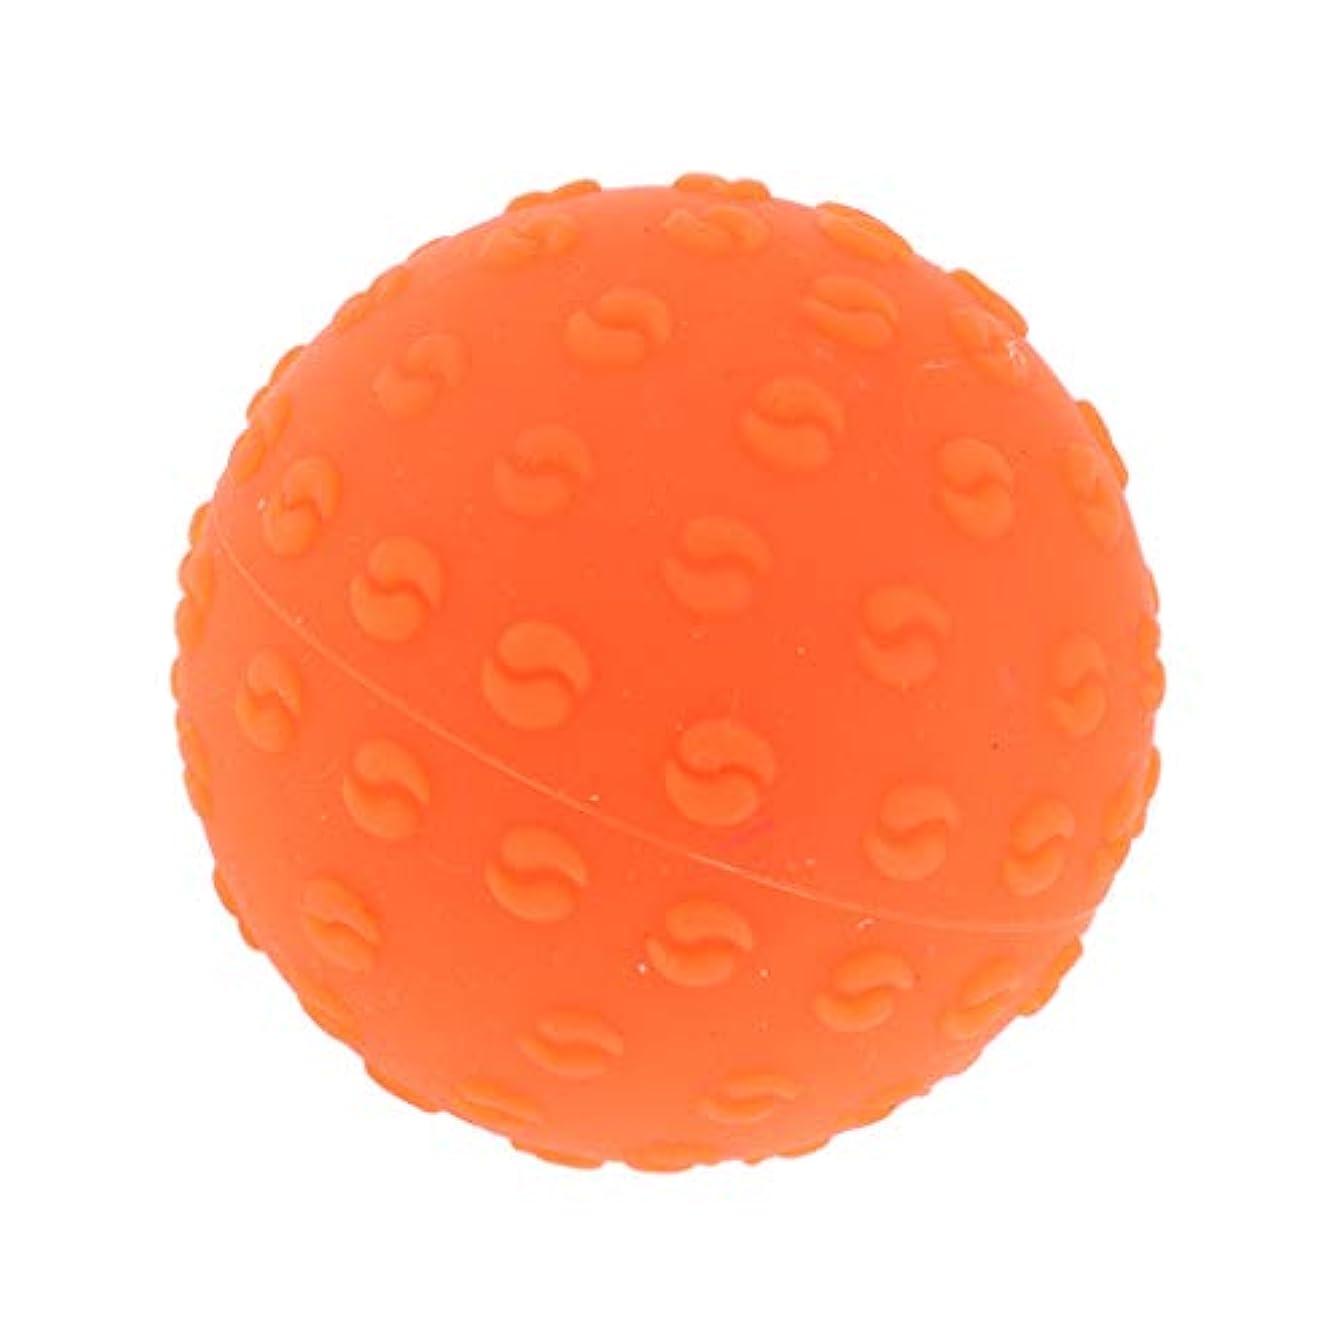 喜ぶ勘違いするマッサージボール 指圧ボール シリコーン トリガーポイント 足底筋膜炎 ヨガ マッサージ器 全6色 - オレンジ, 説明のとおり